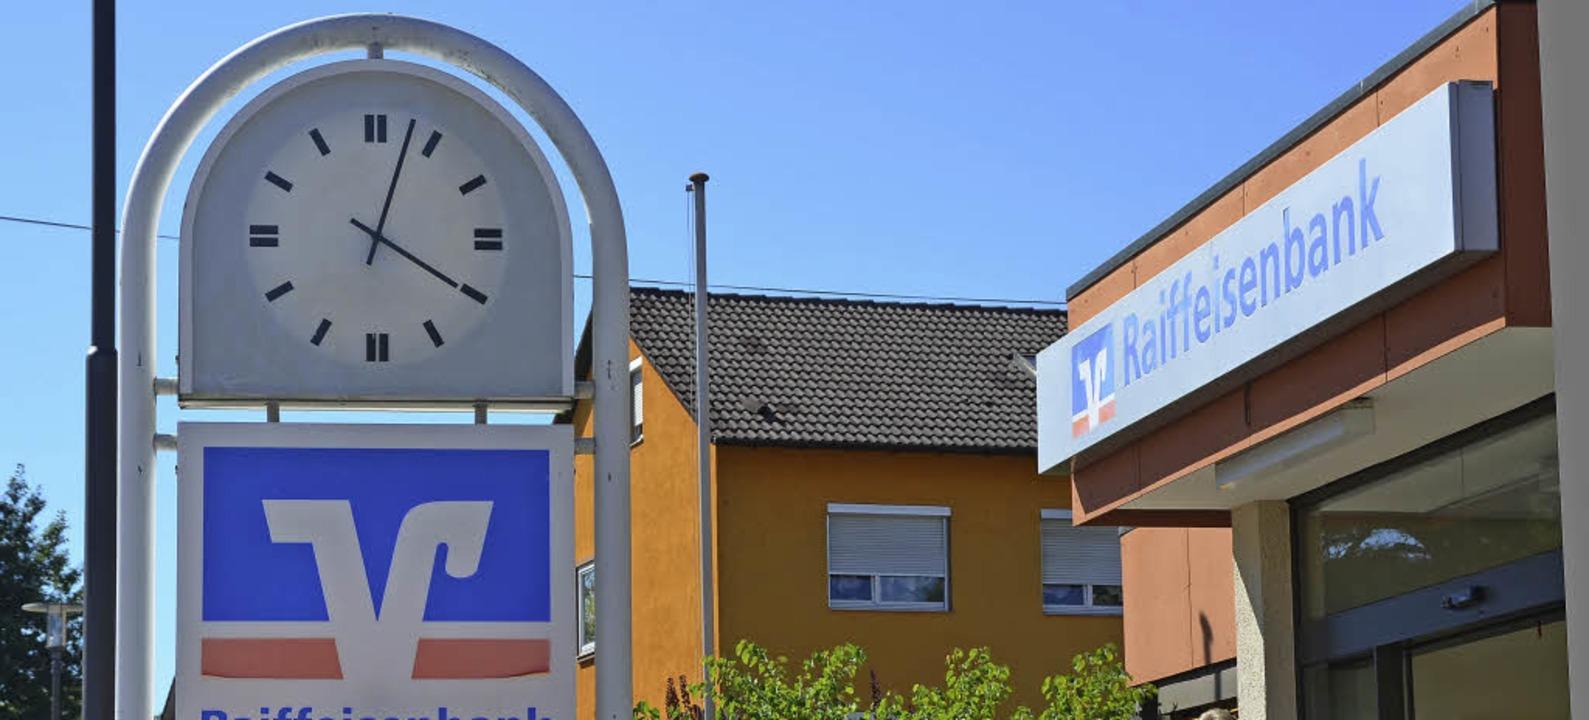 Die Zeit ist abgelaufen: Der alte Stan...der Hindenburgstraße wird geschlossen.    Foto: Max Schuler